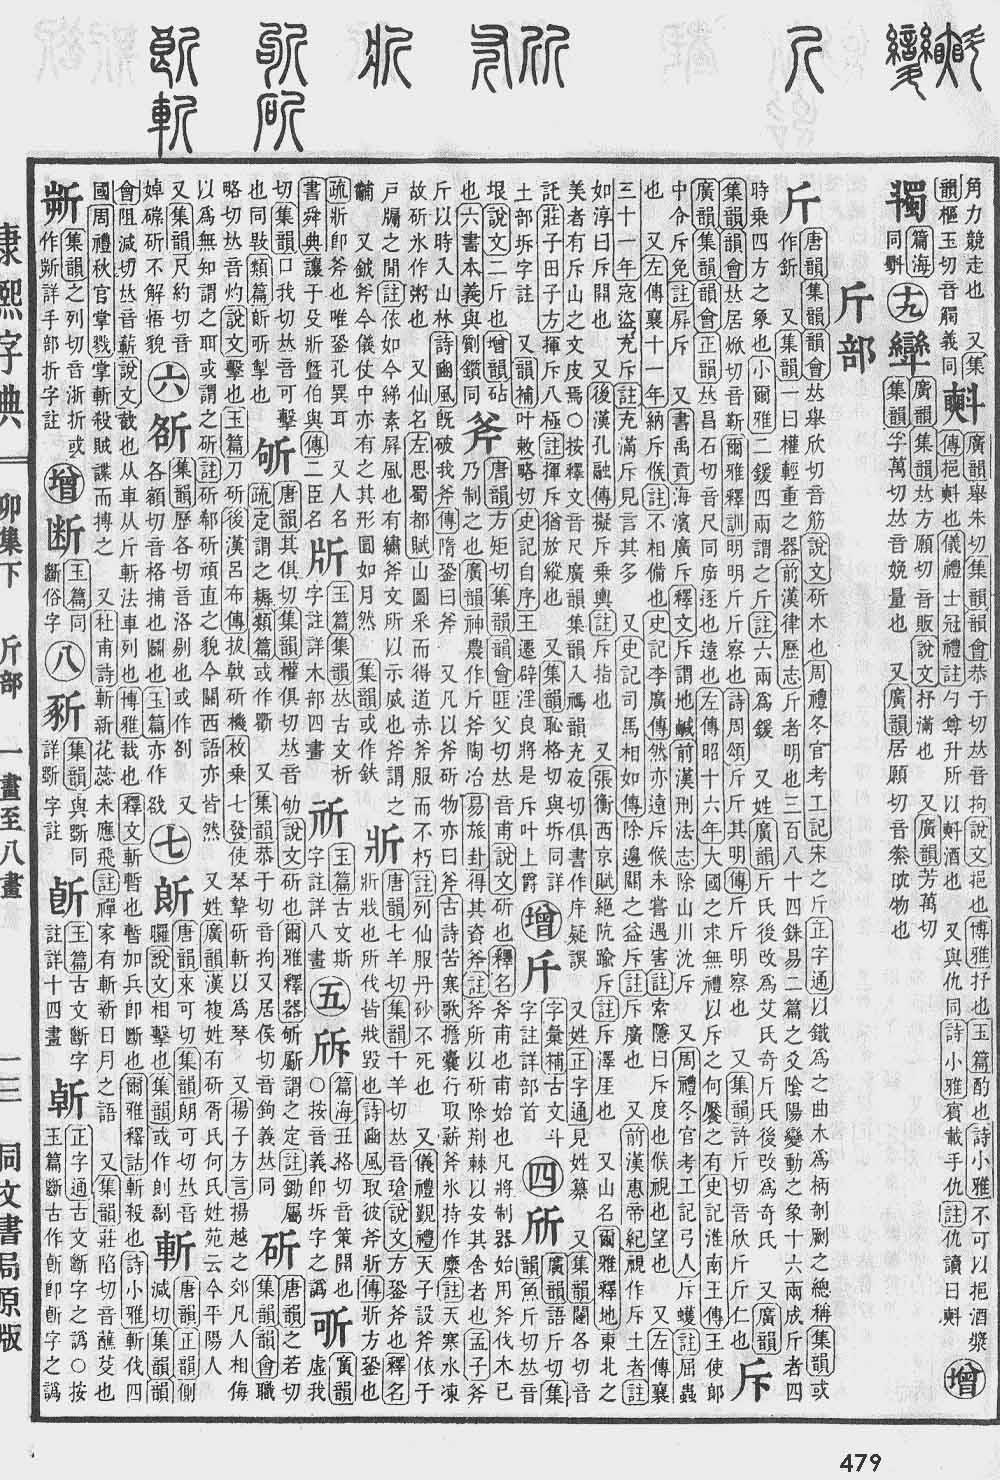 《康熙字典》第479页